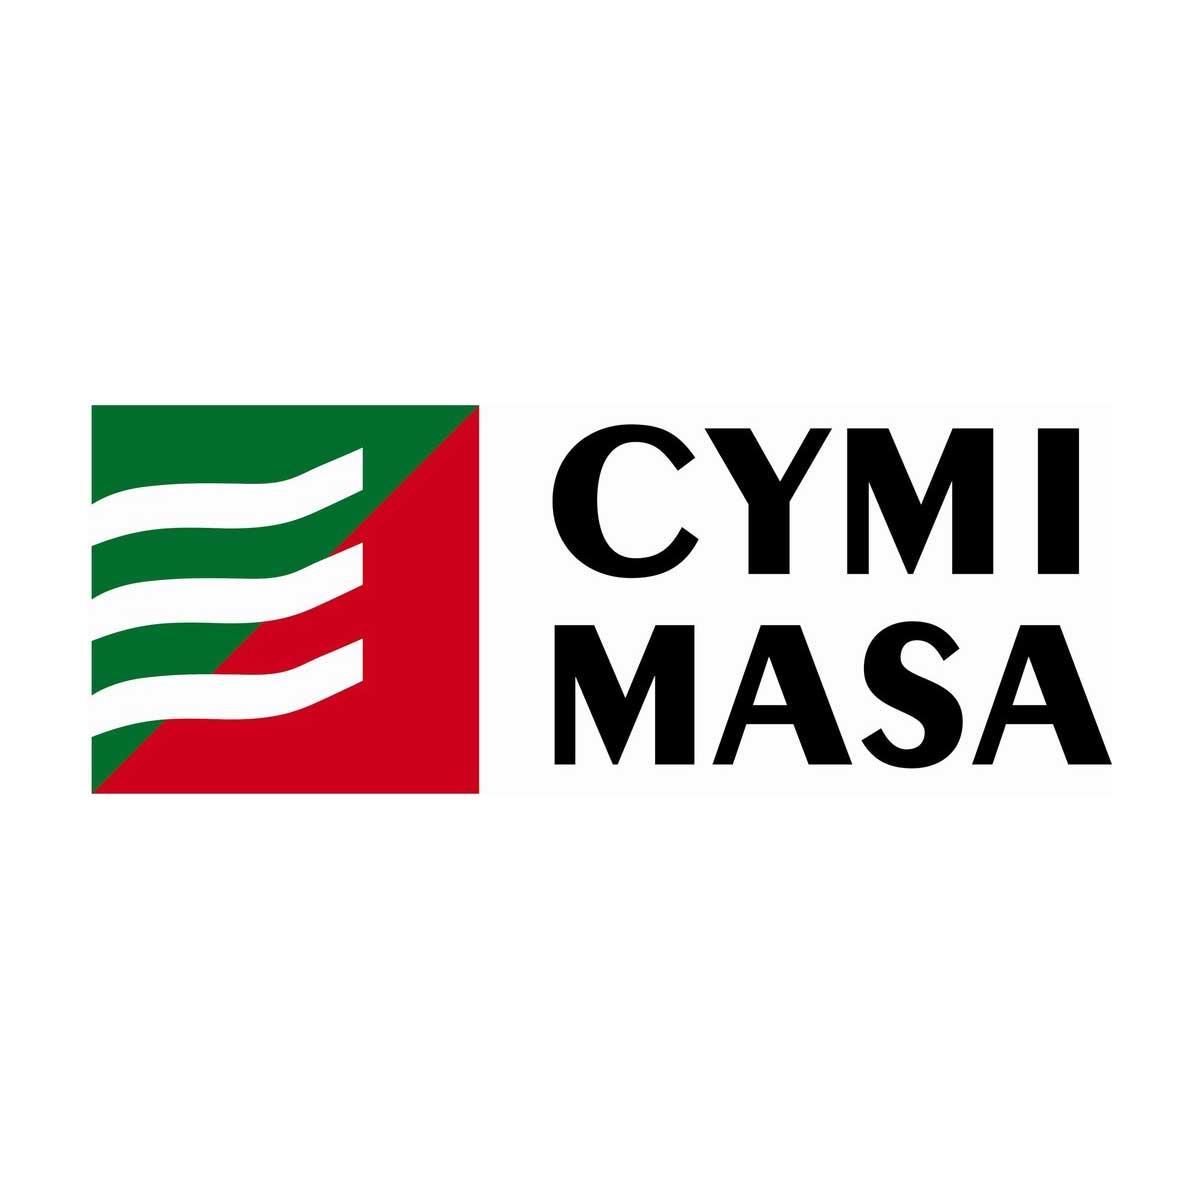 CYMI.jpg